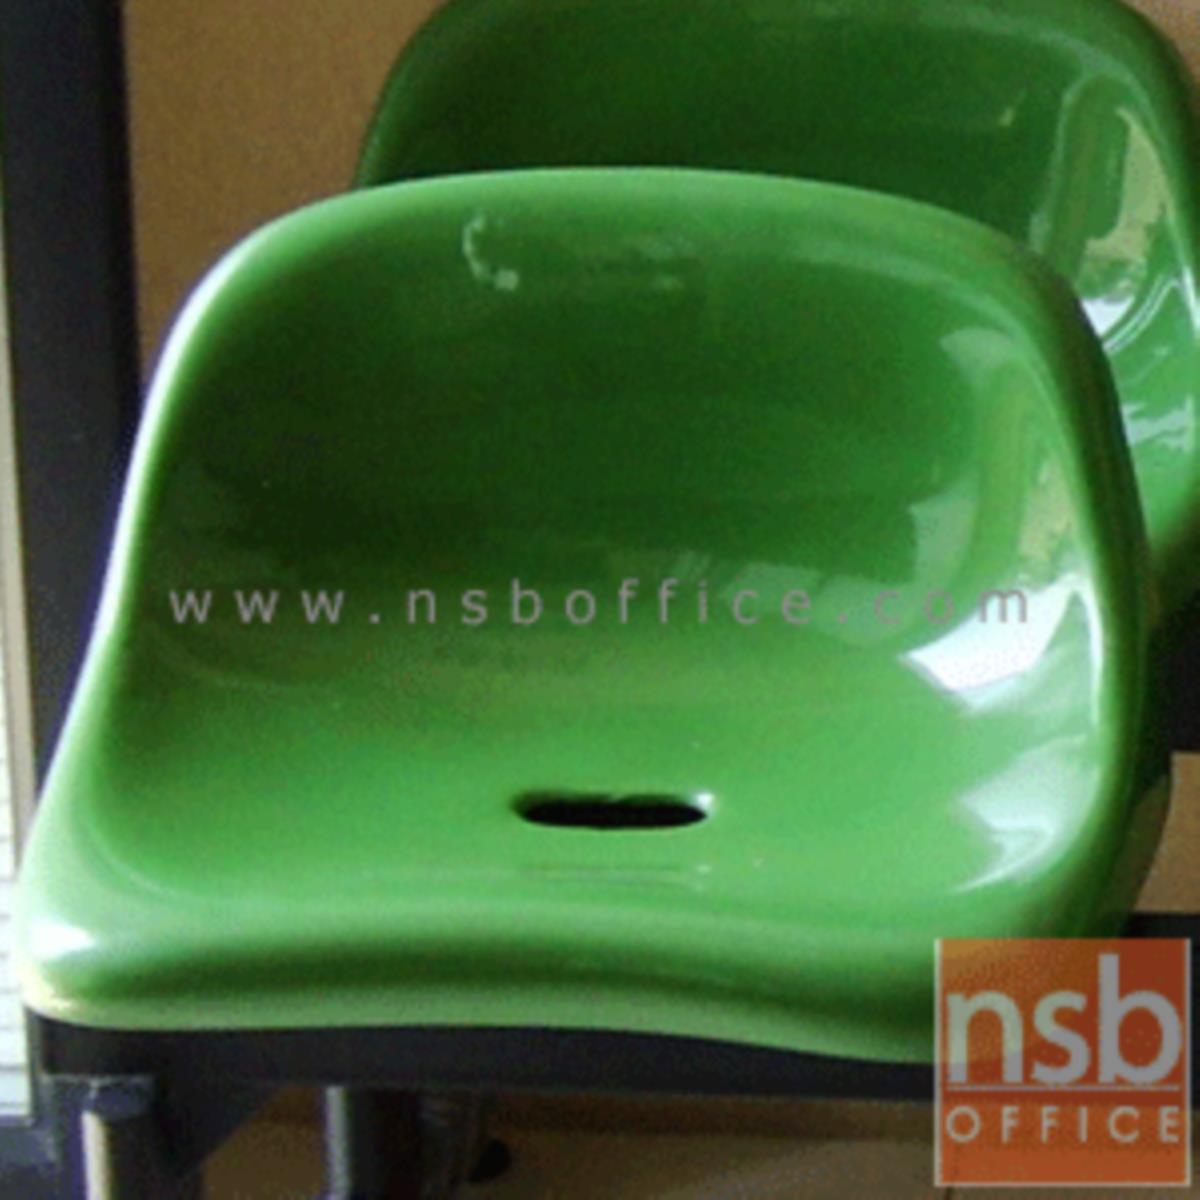 B27A028:เปลือกพลาสติกโพลี่(PP) รุ่น KS-85 แบบครึ่งก้น เฉพาะที่นั่ง